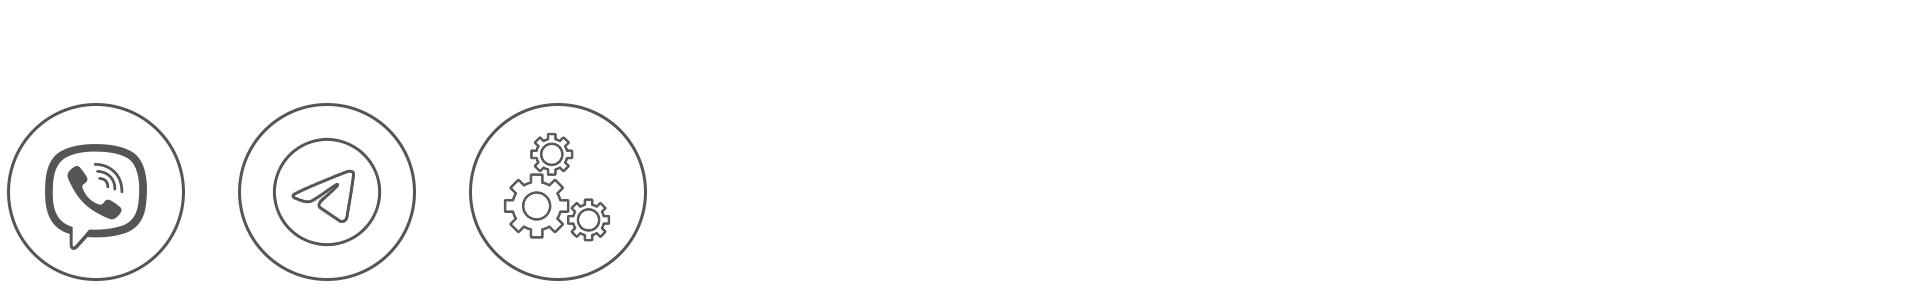 Онлайн-діагностика Айкос